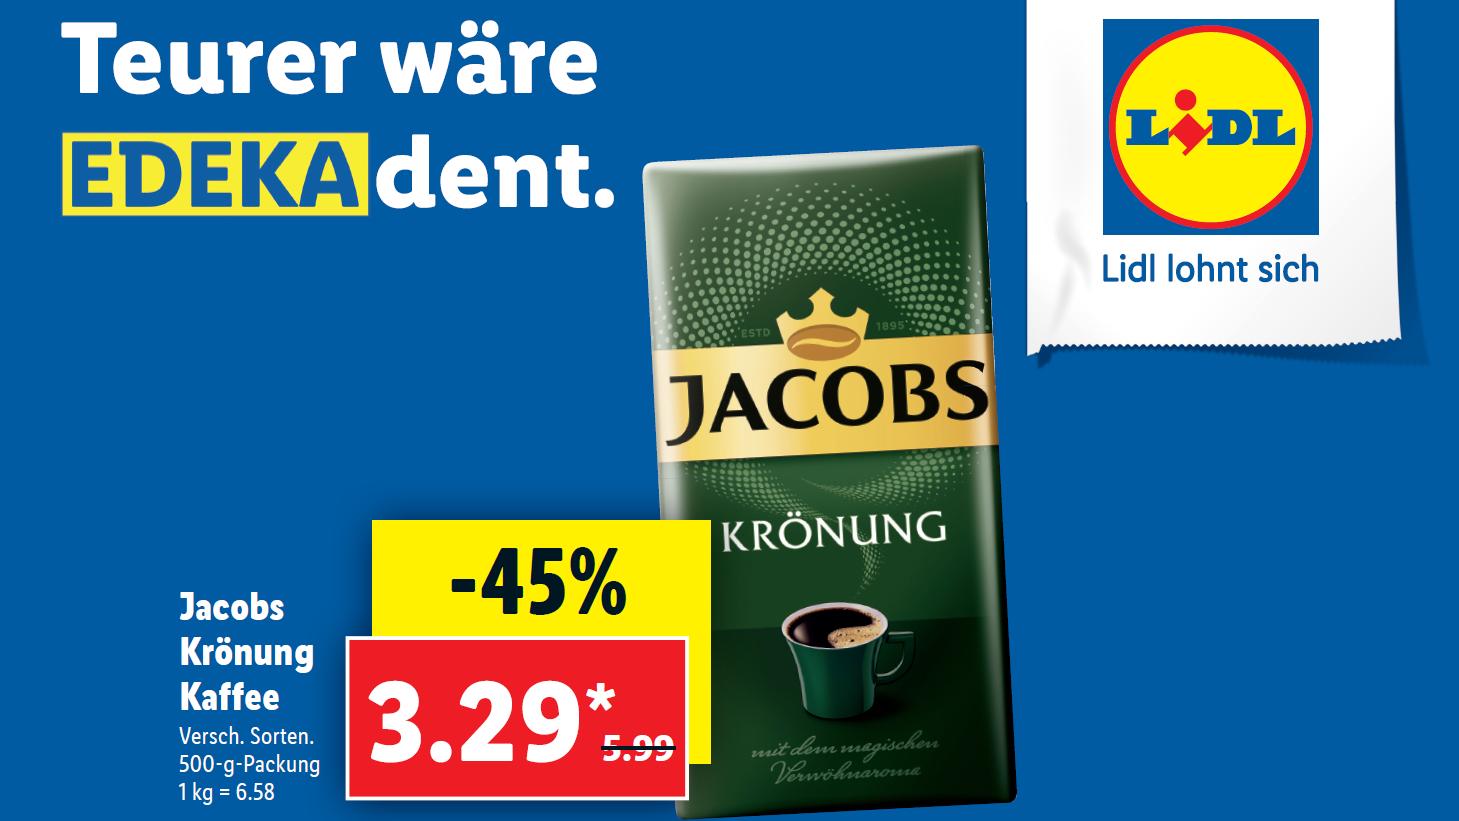 """""""Teurer wäre edekadent"""": Mit diesen Plakatmotiven nimmt Lidl die gesamte Konkurrenz auf die Schippe"""